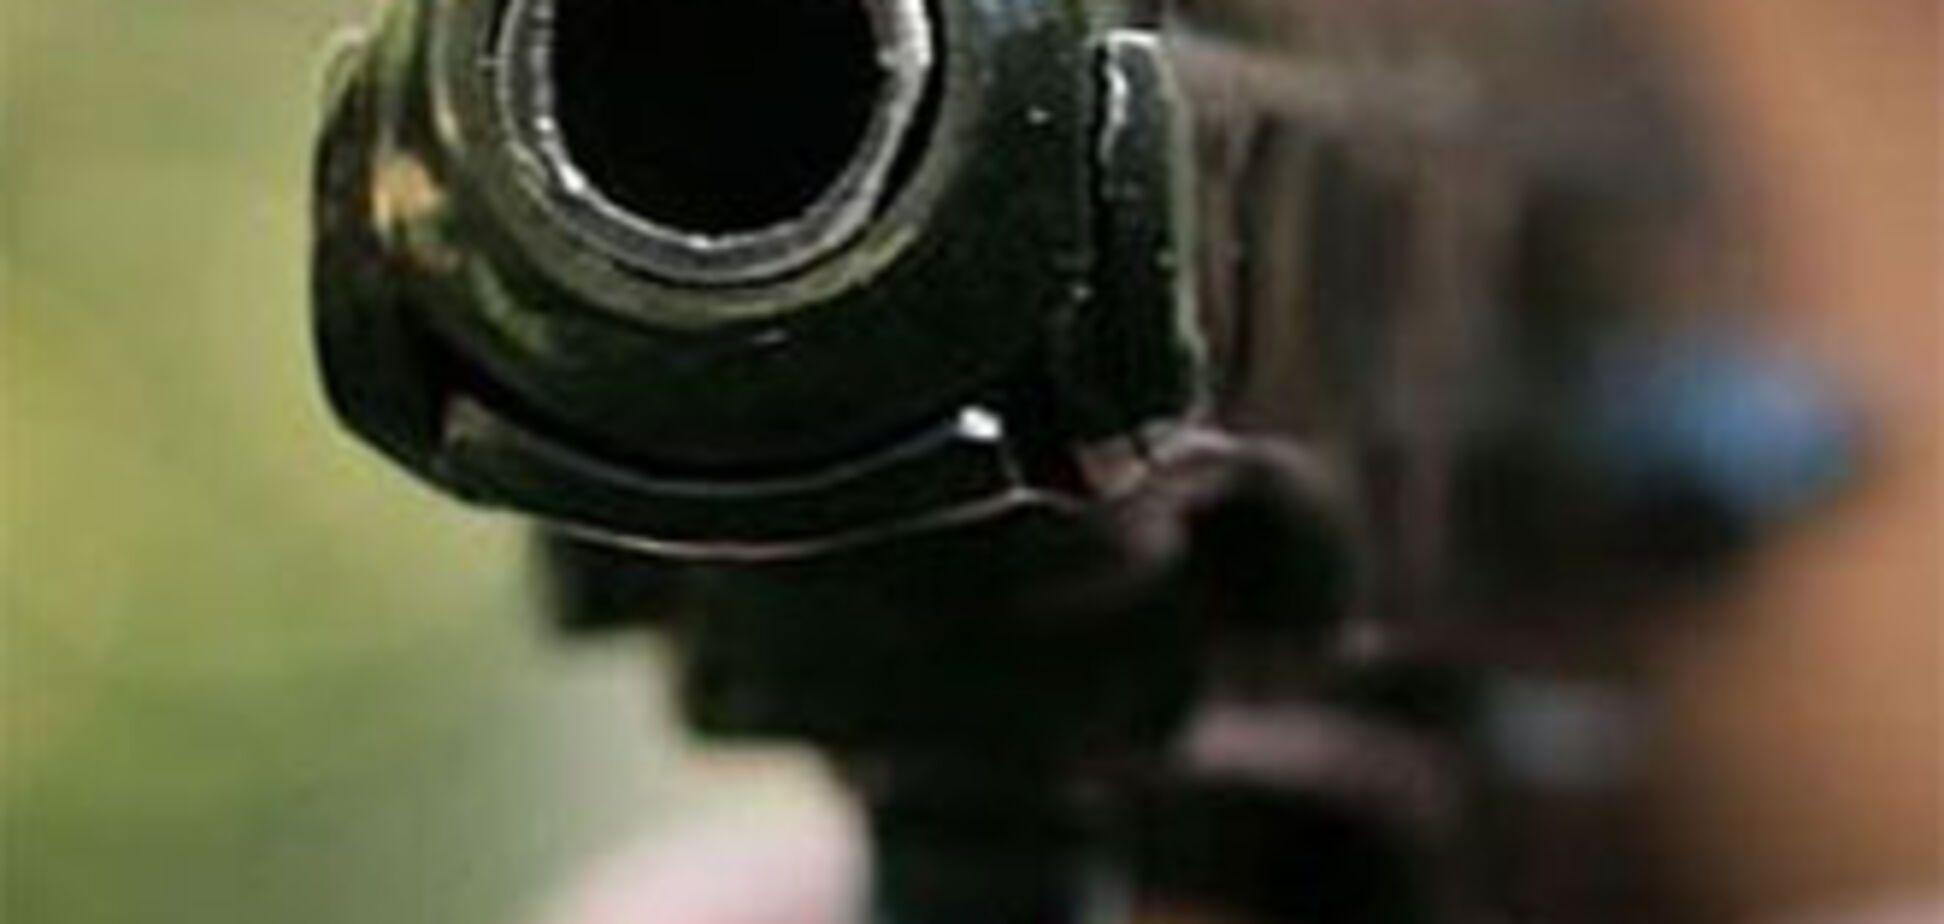 Співробітники ФСБ відкрили стрілянину по персоналу в барі